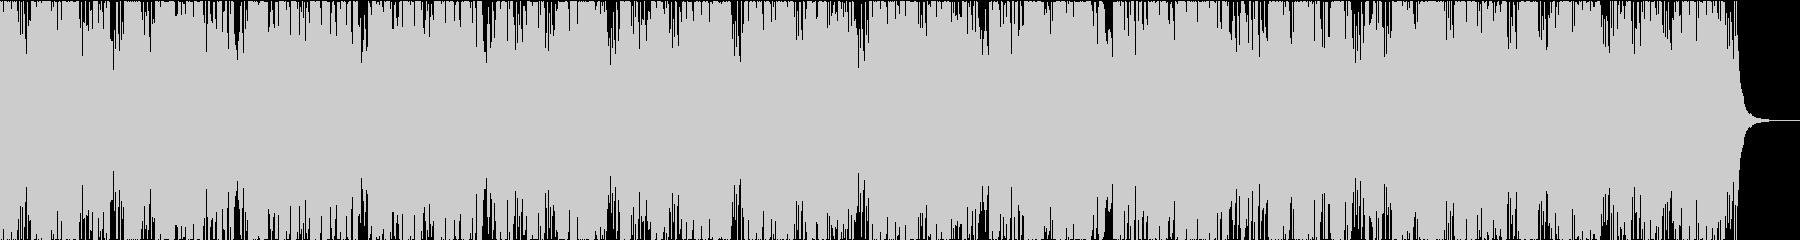 琴の怪しい和風曲の未再生の波形